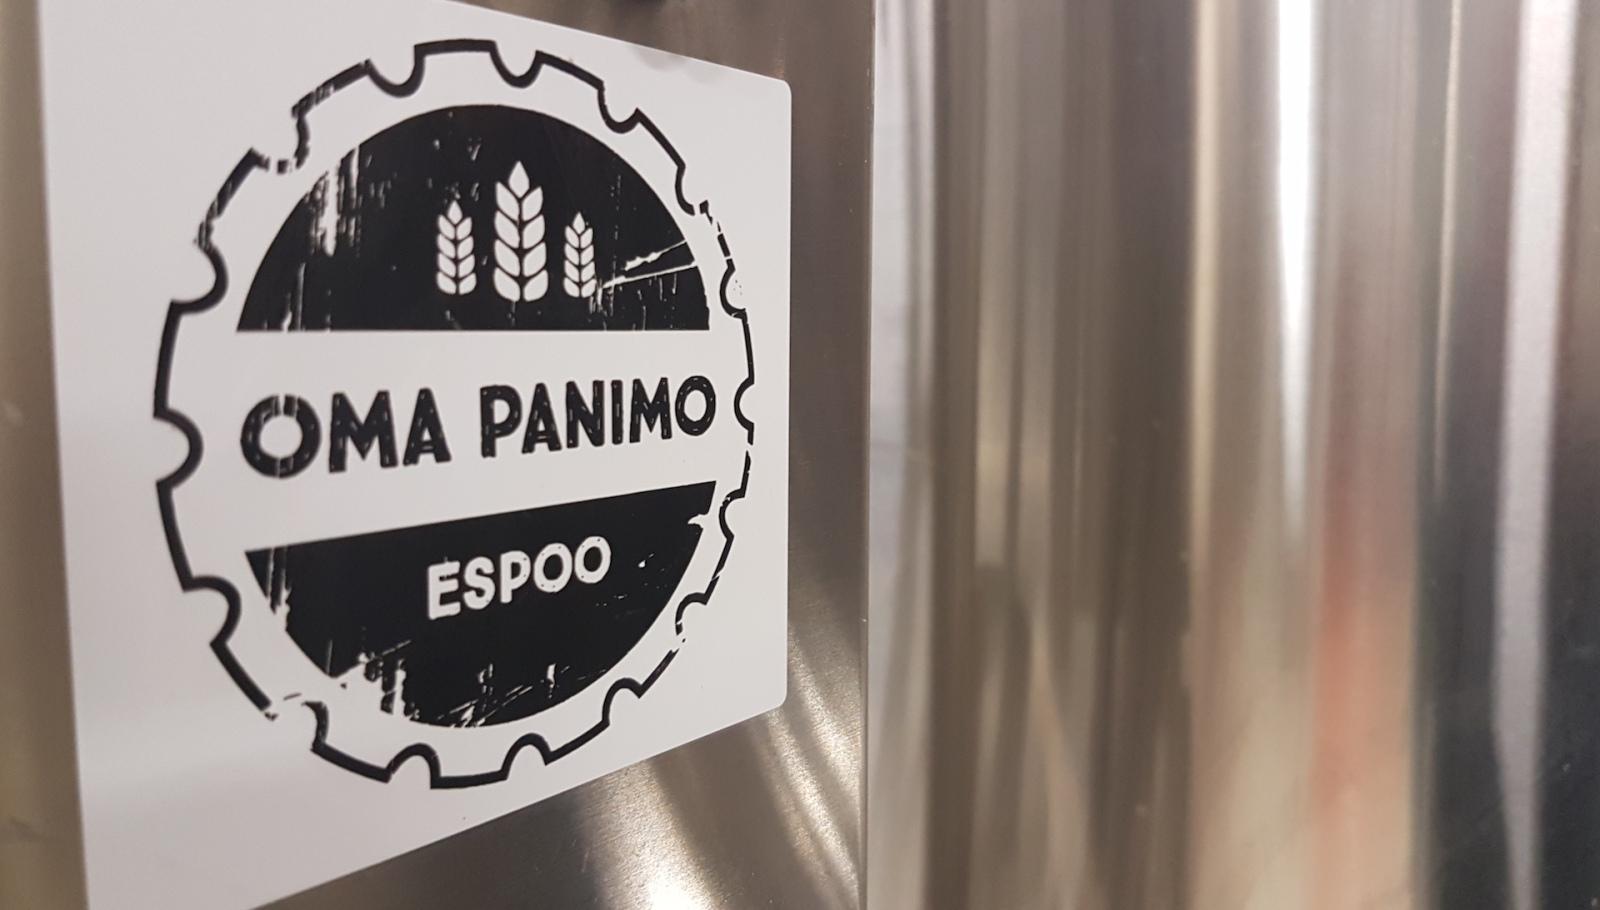 Espoo Oma Panimo